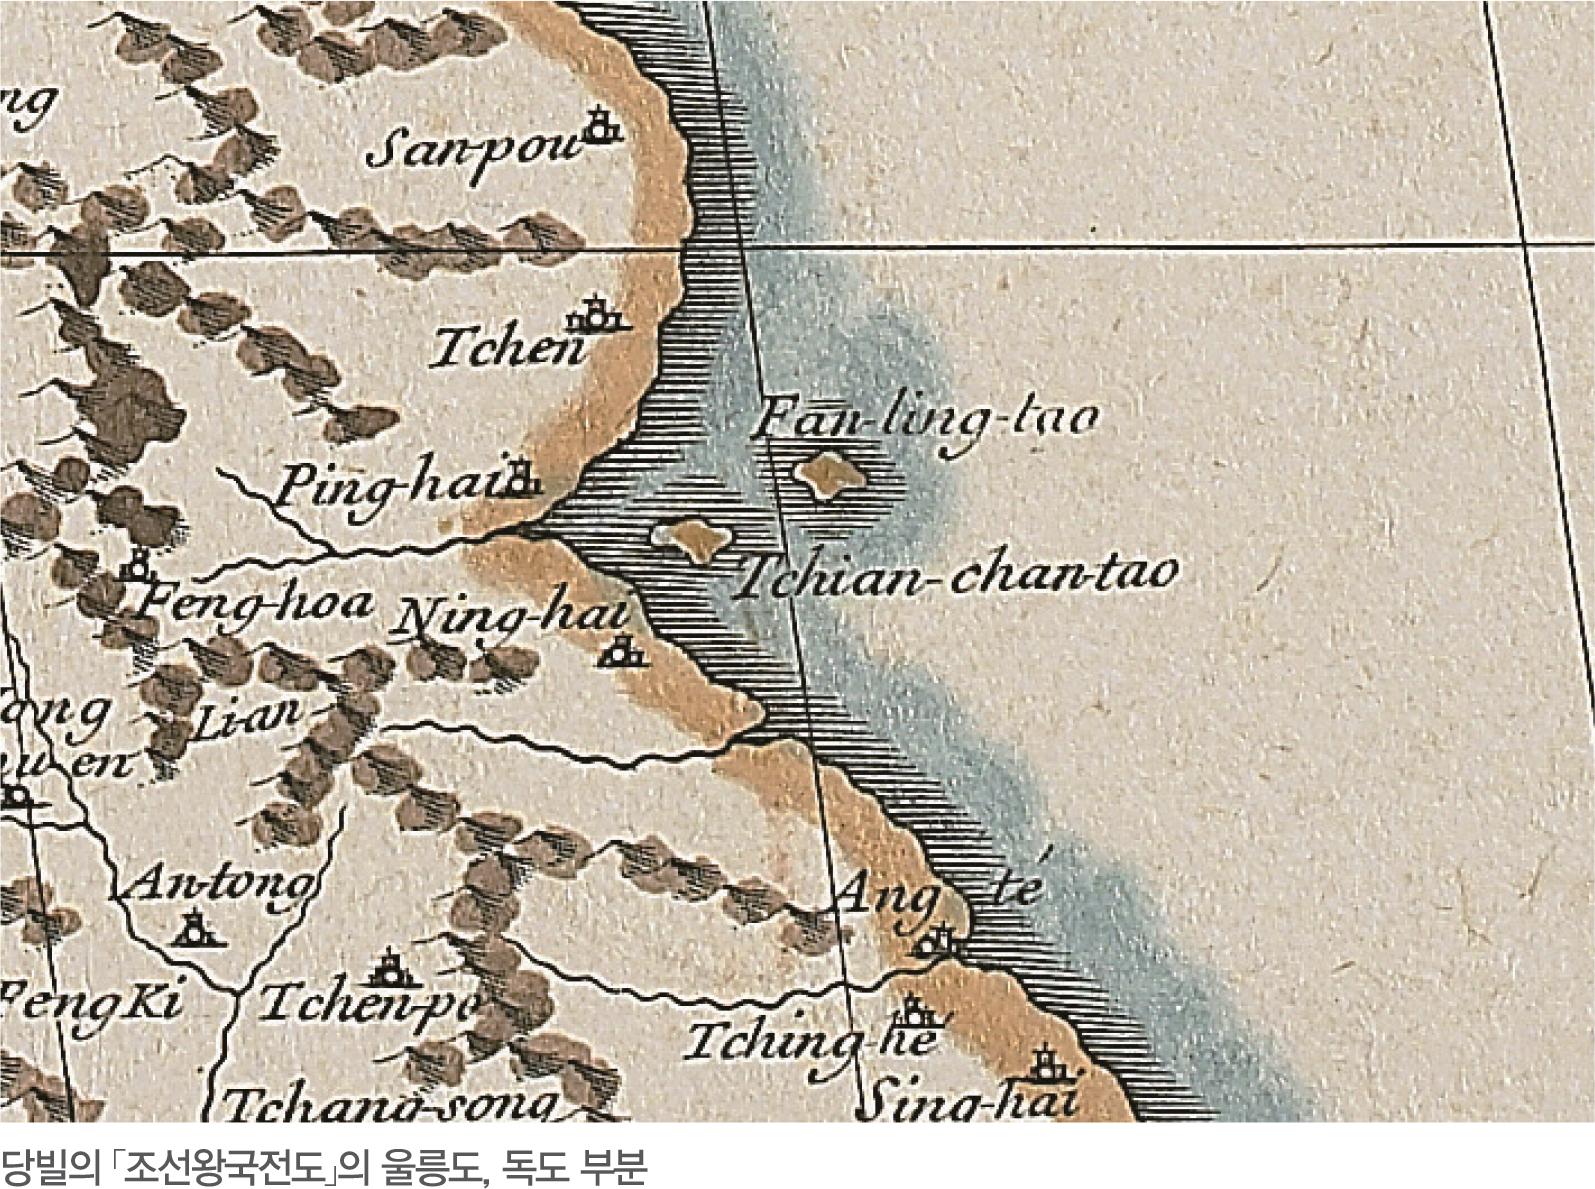 당빌의 조선왕국전도의 울릉도, 독도 부분